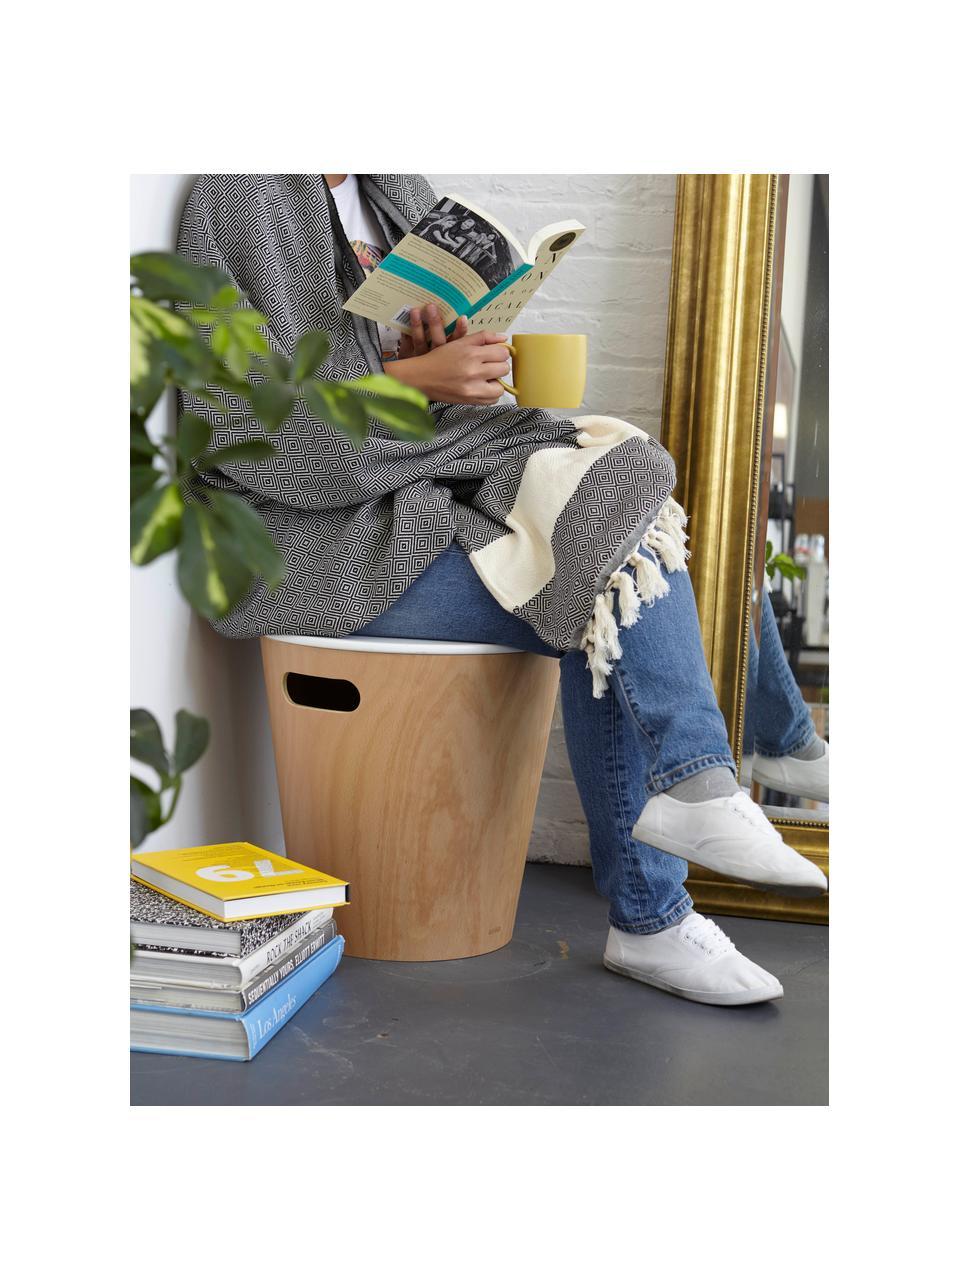 Stołek/stolik pomocniczy z miejscem do przechowywania Woodrow, Drewno lakierowane, Drewno naturalne, biały, Ø 41 x W 42 cm